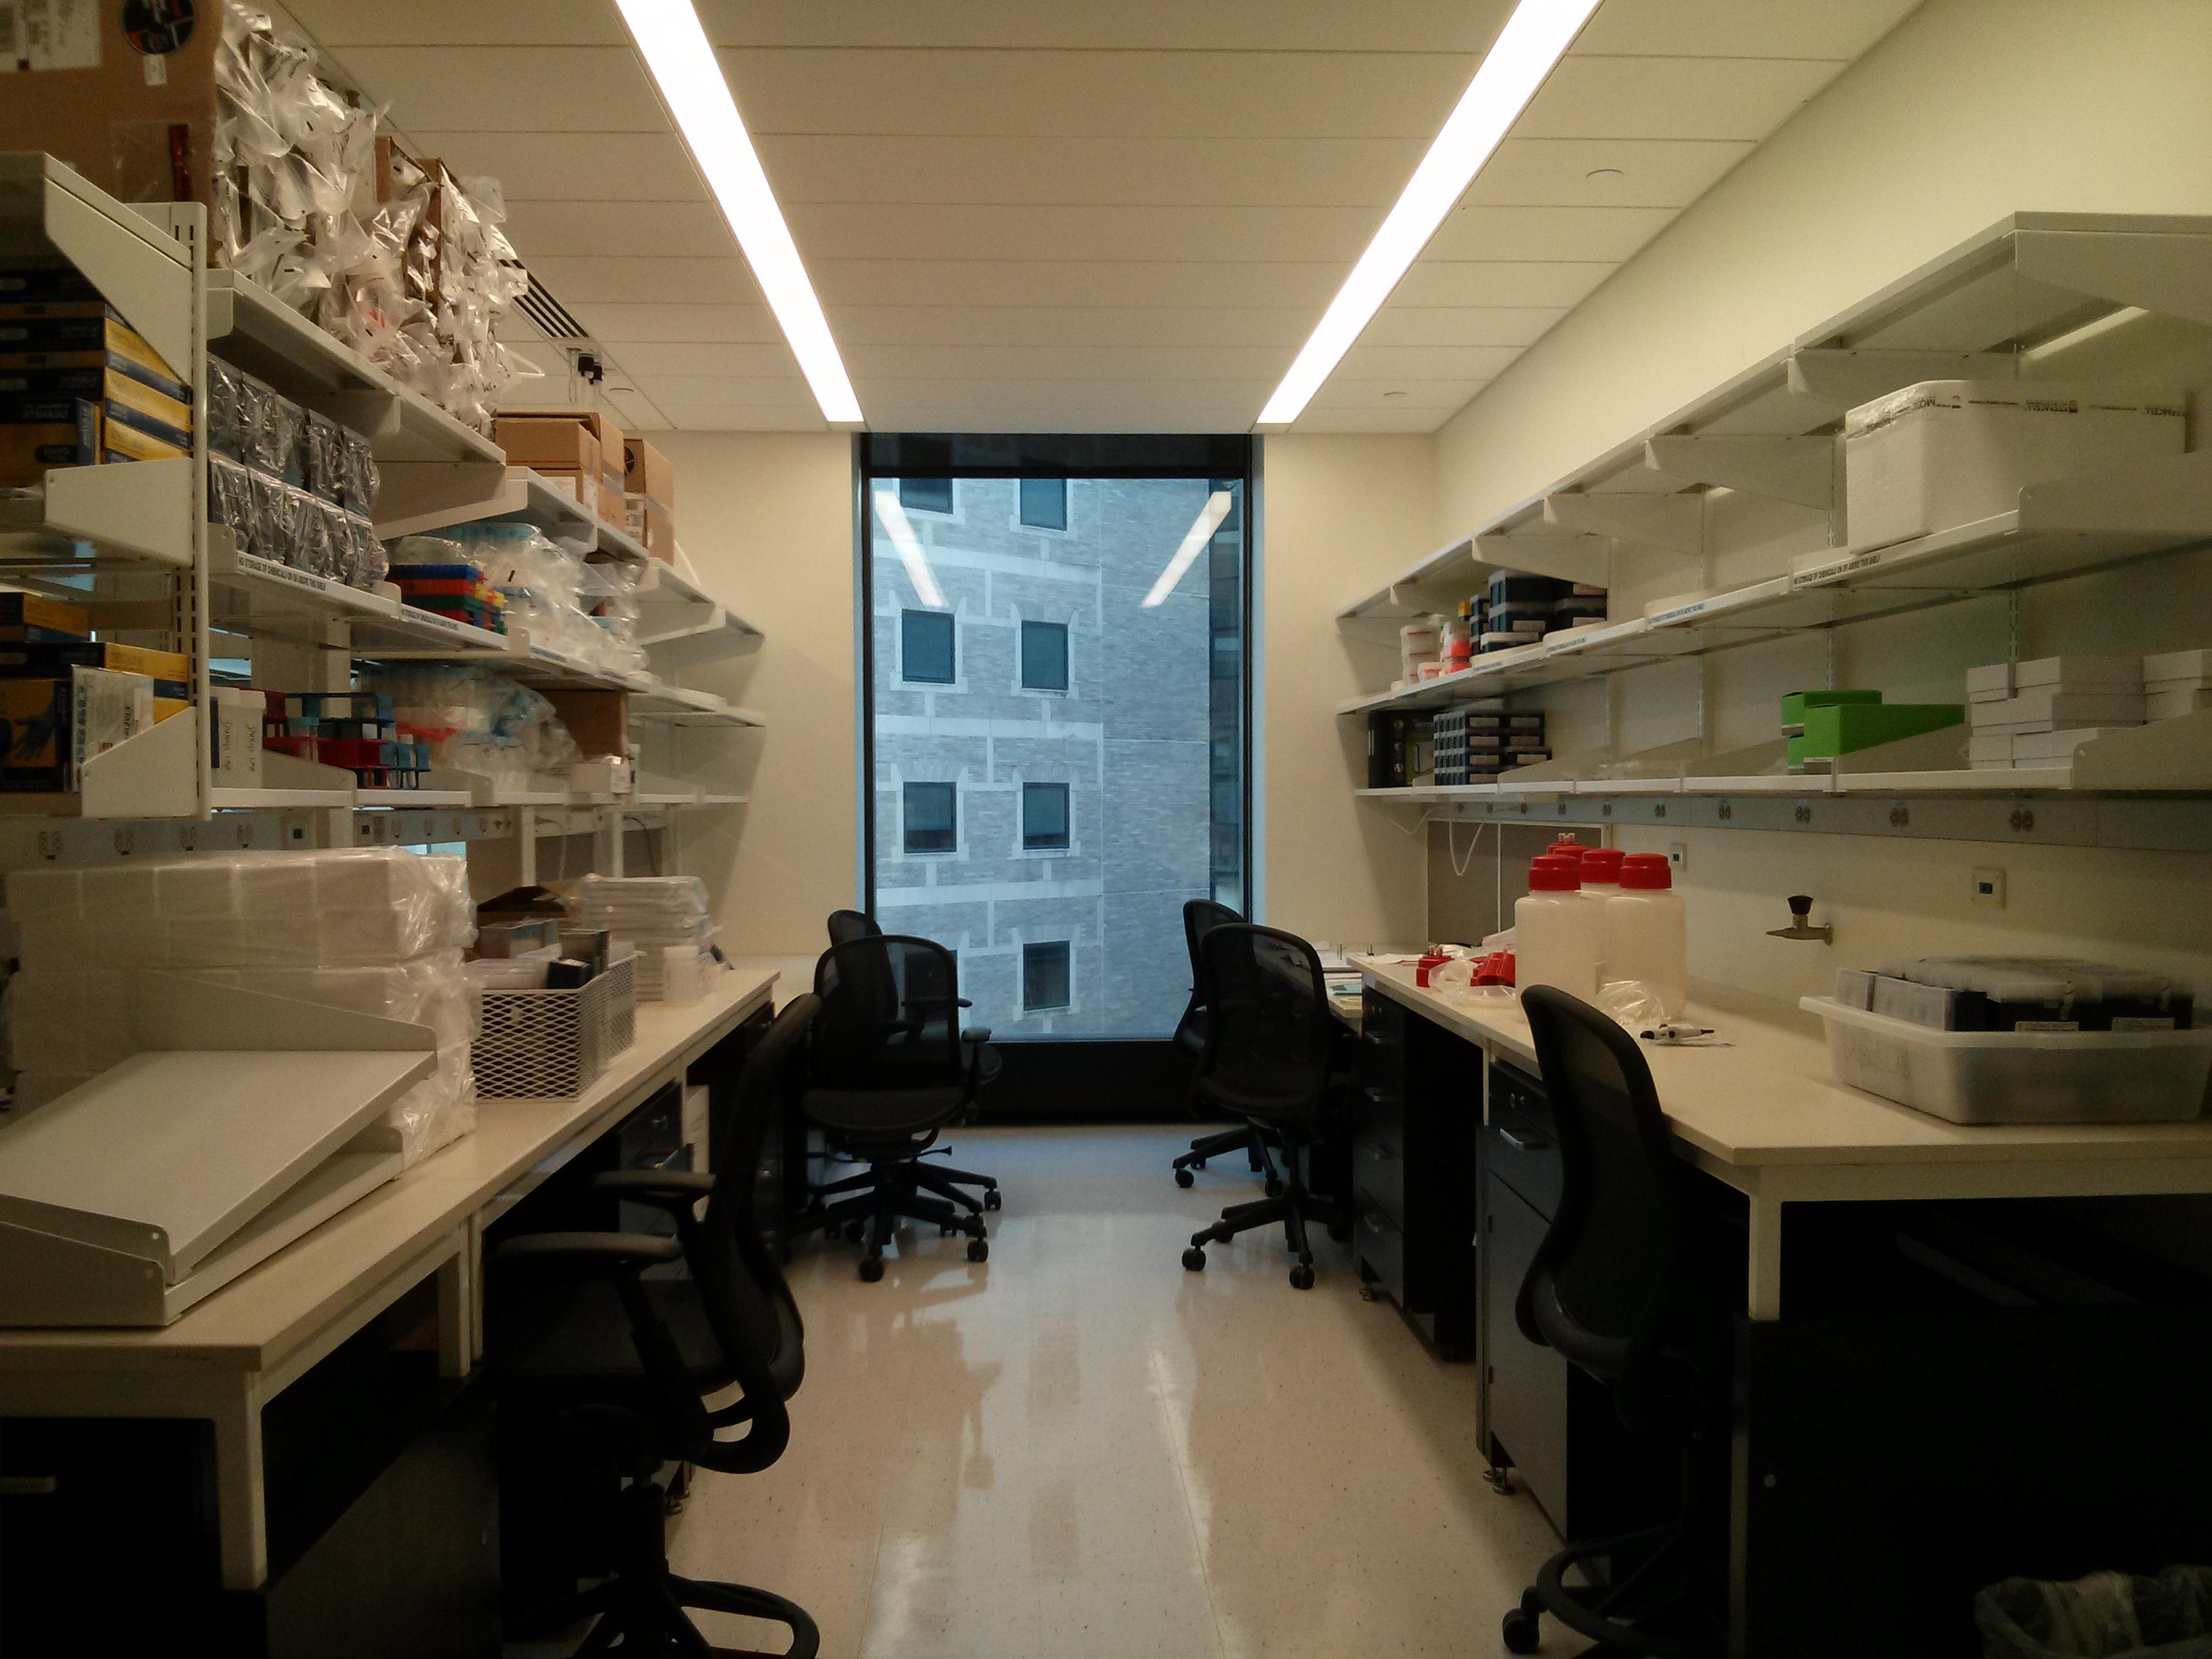 Lab April 2013